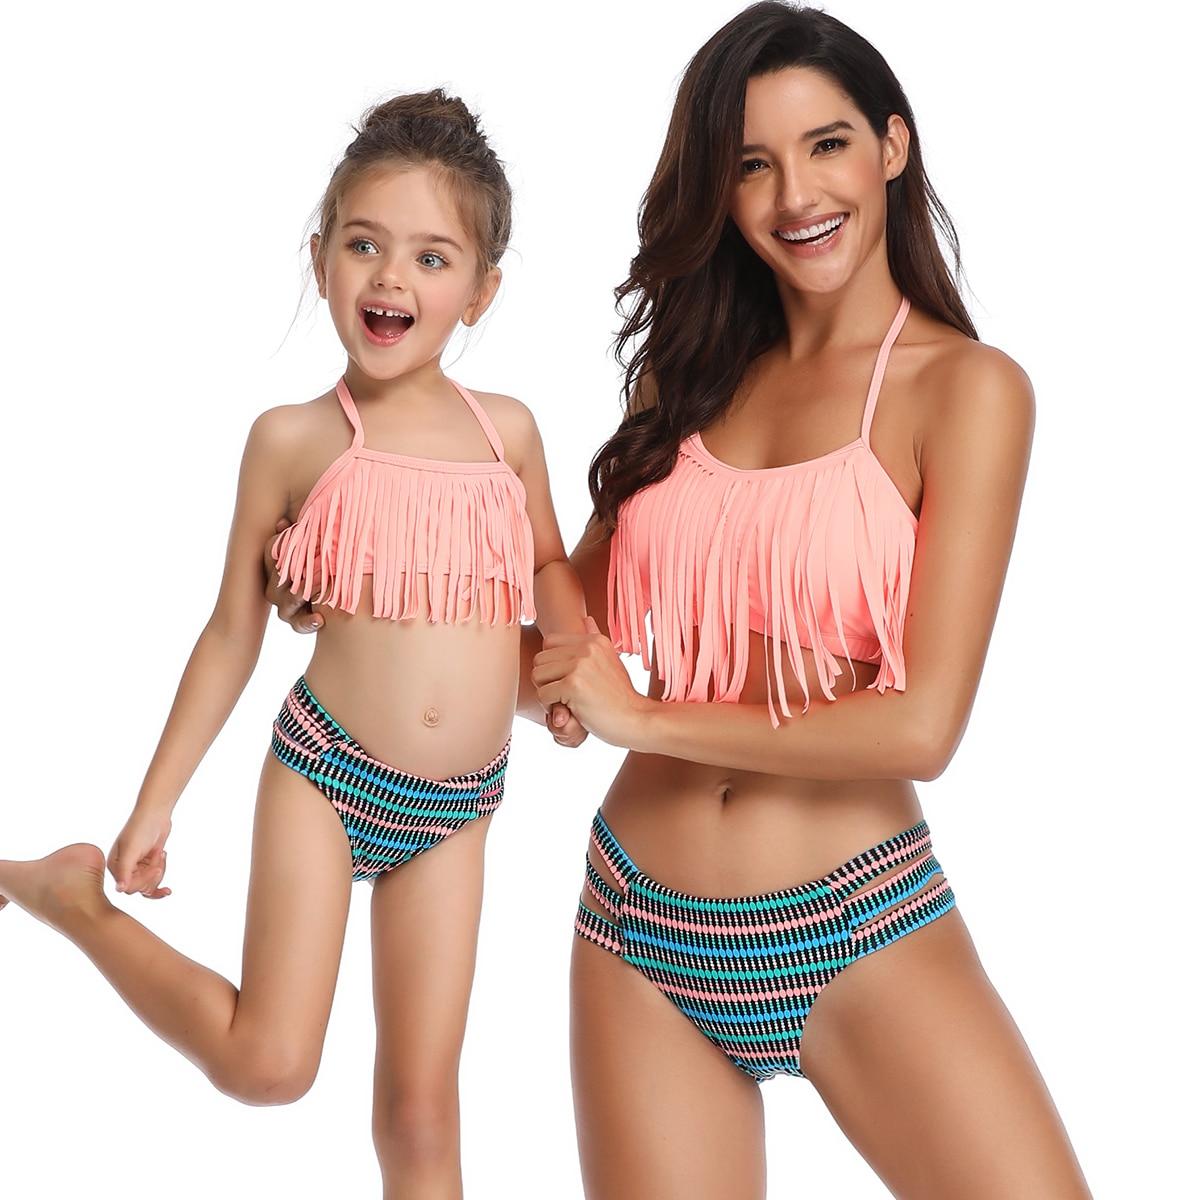 Gran oferta de traje de baño para mamá y yo de estilo Halter con flecos, conjunto de Bikini de color rosa liso, bañador combinado familiar, bañador cortado para madre e hija